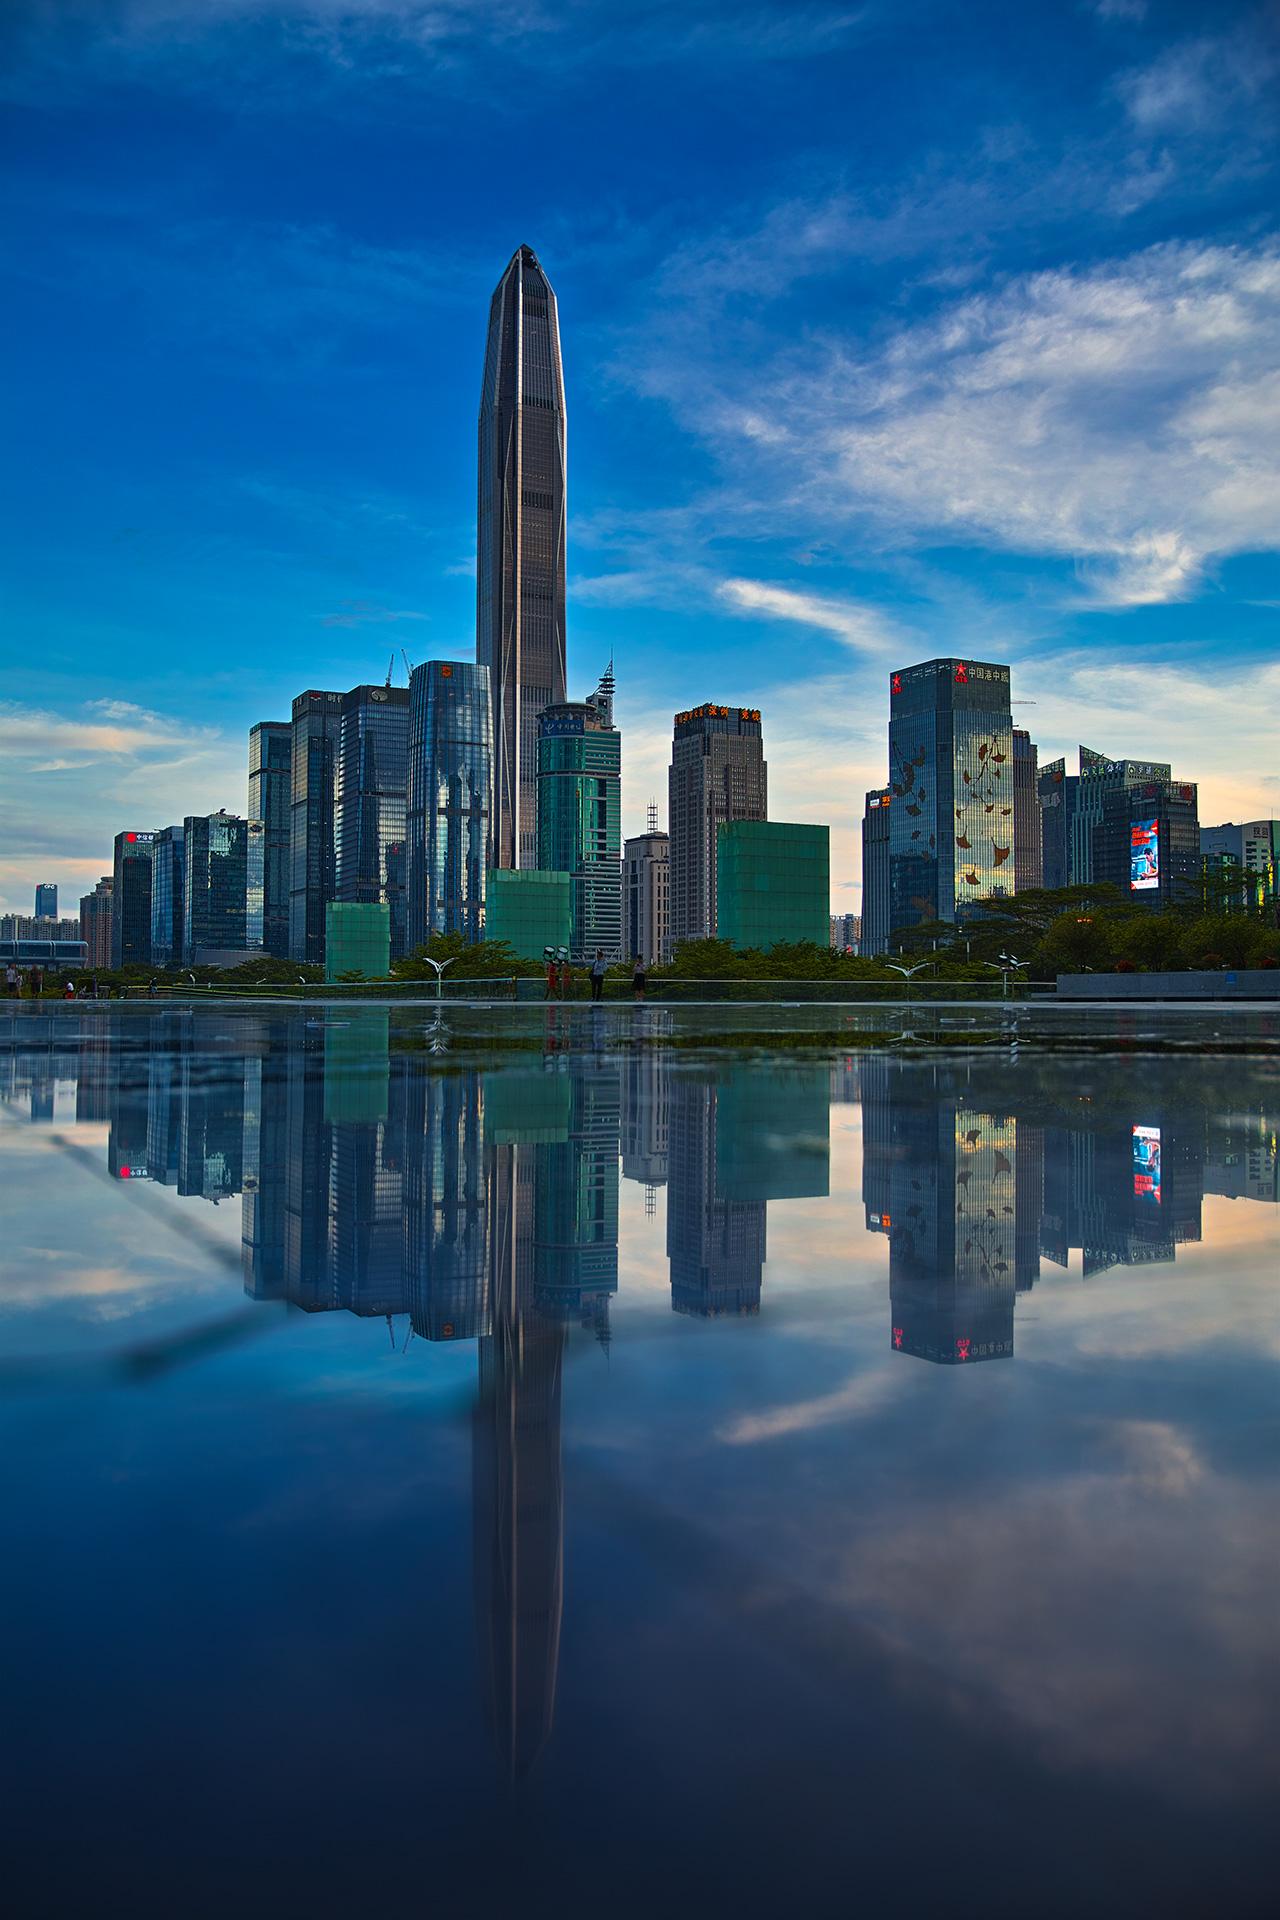 花工作品:深圳平安金融大厦